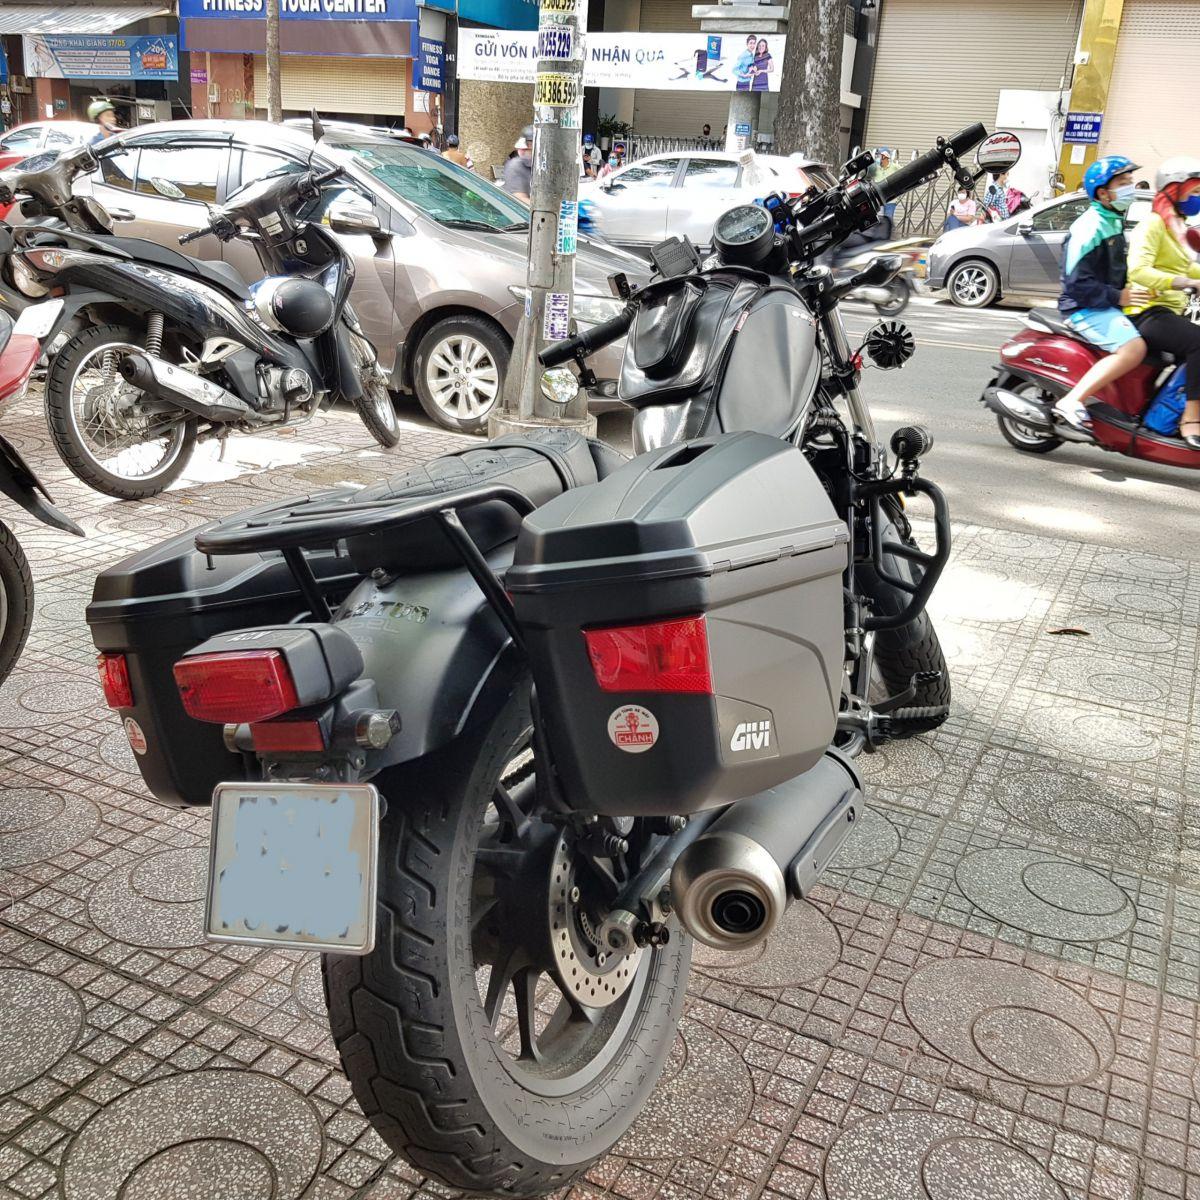 Thung-hong-givi-e22n-xe-honda-rebell-300-16